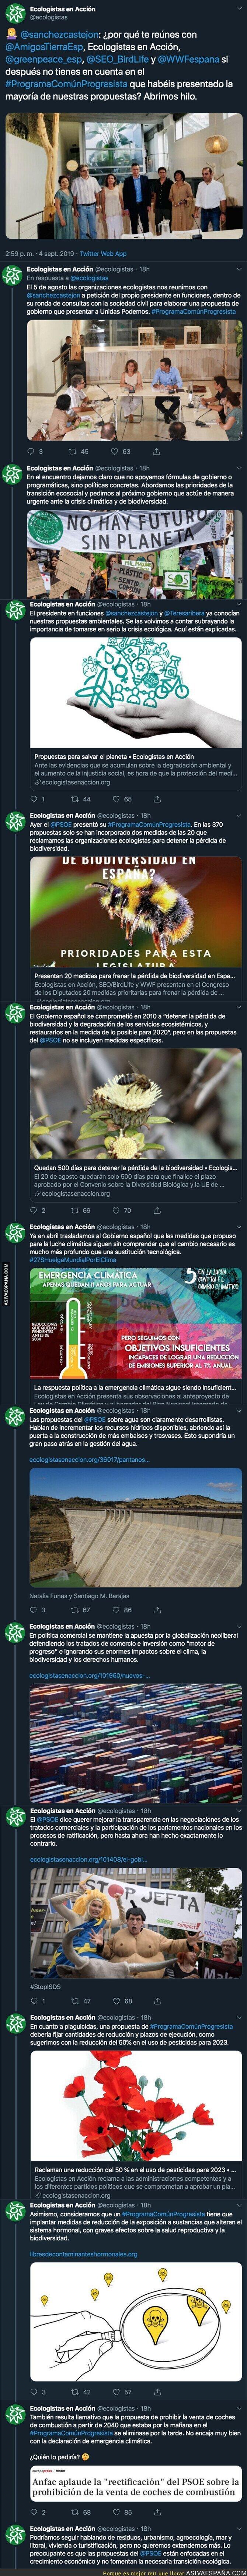 """120398 - Ecologistas en Acción le da un auténtico repaso a Pedro Sánchez por su """"Programa común progresista"""""""